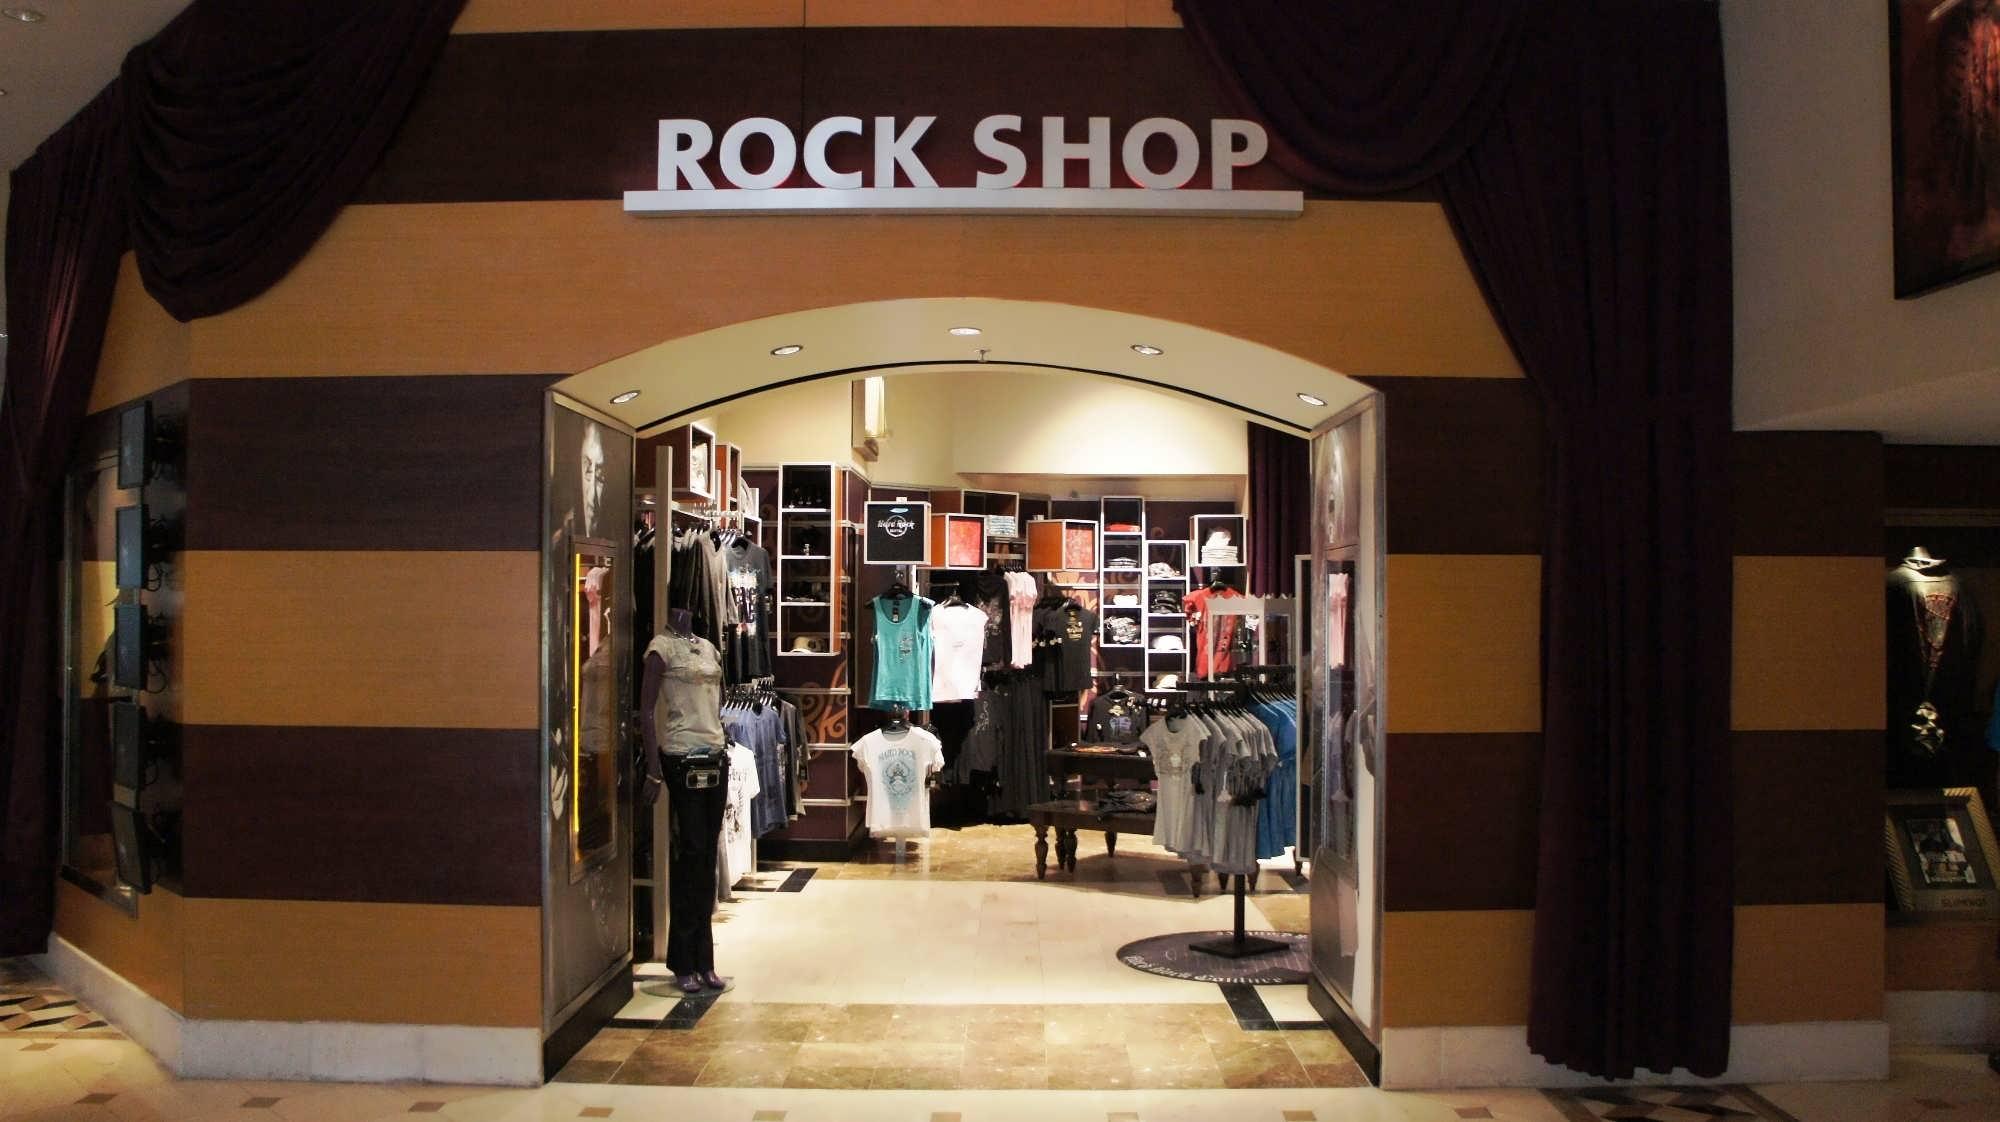 Hard Rock Hotel Orlando Rock Shop